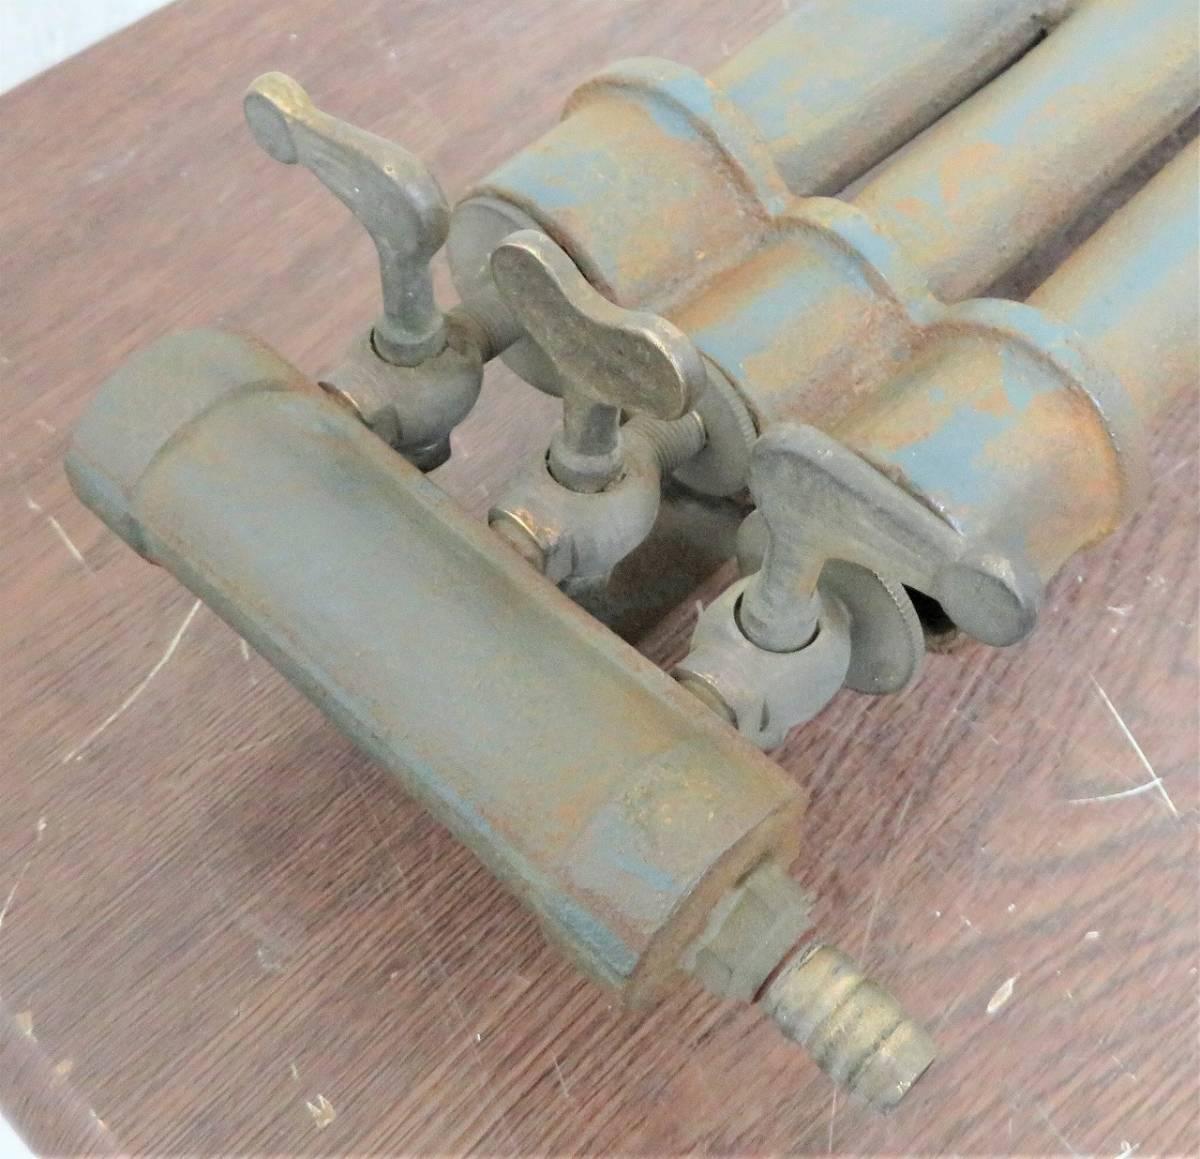 厨房機器《LPガス用鋳物コンロ》業務用/屋台 直径300mm_画像5